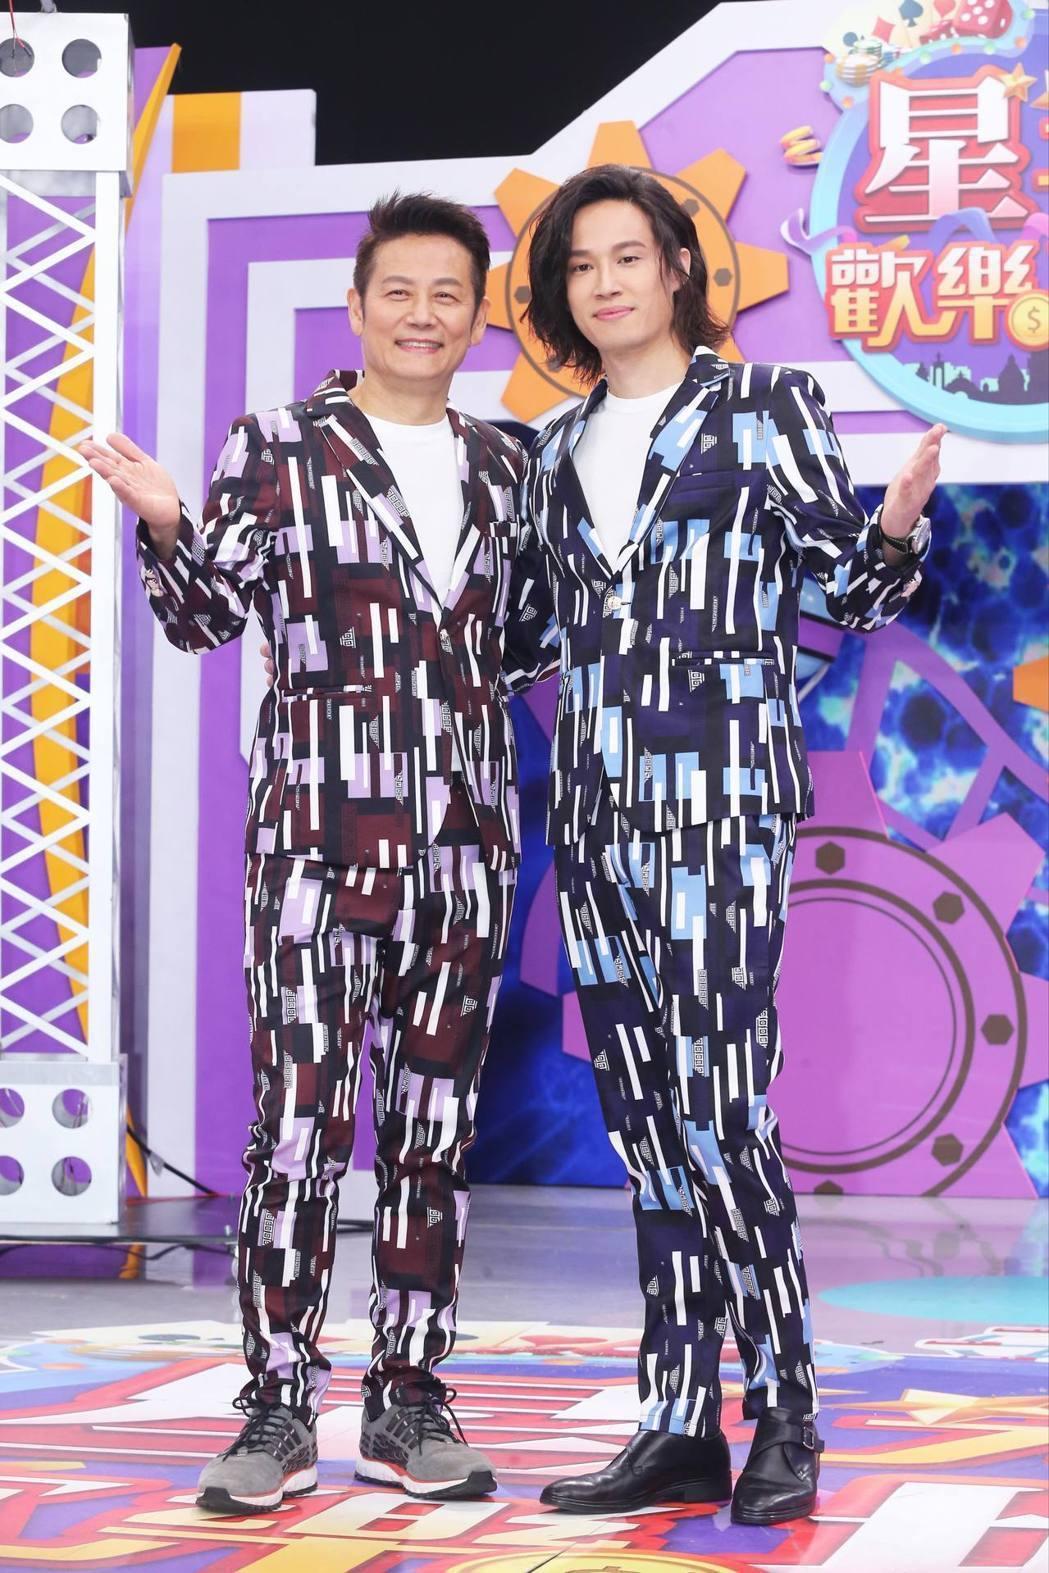 徐新洋(右)高大帥氣,和老爸徐乃麟站在一起毫不遜色。圖/本報資料照